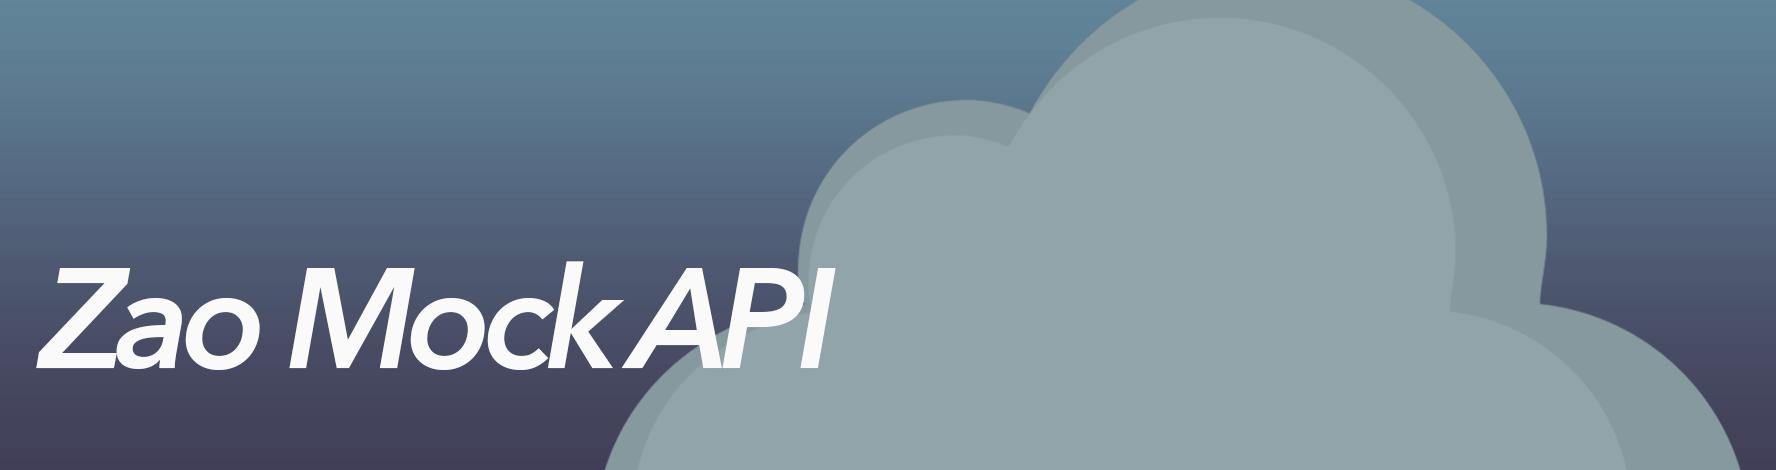 Zao Mock API